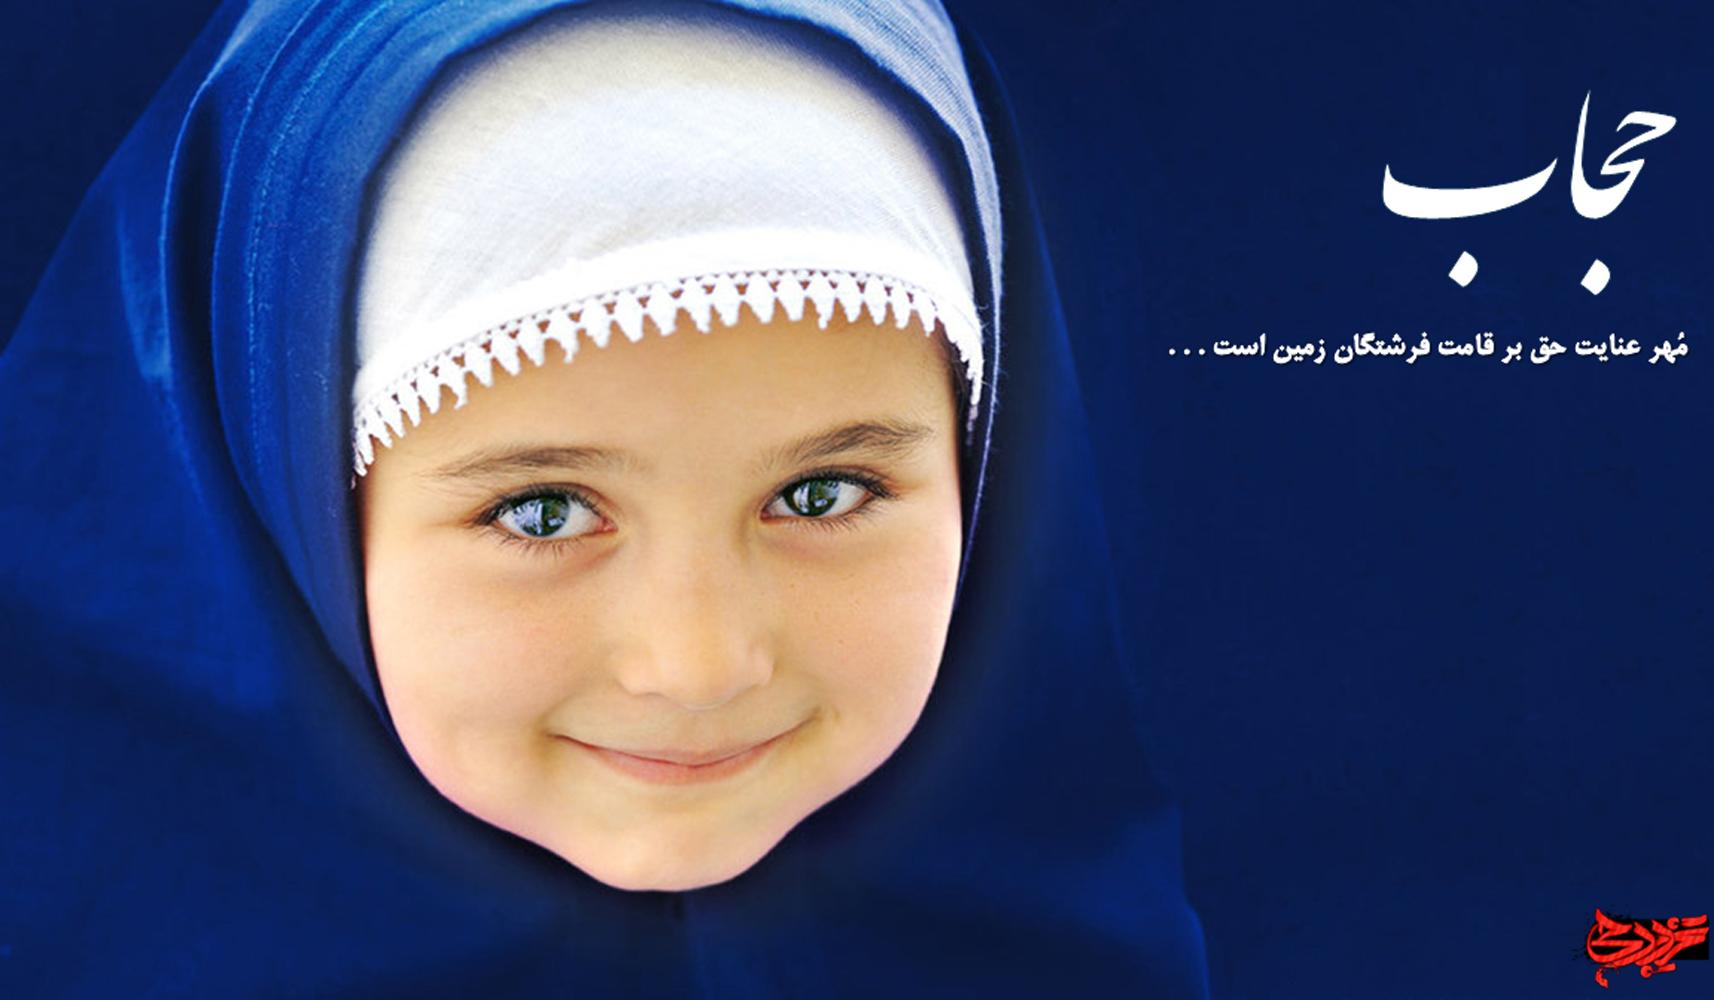 بالصور حجاب اسلامی , بالصور اشكال الحجاب الاسلامى 3315 2